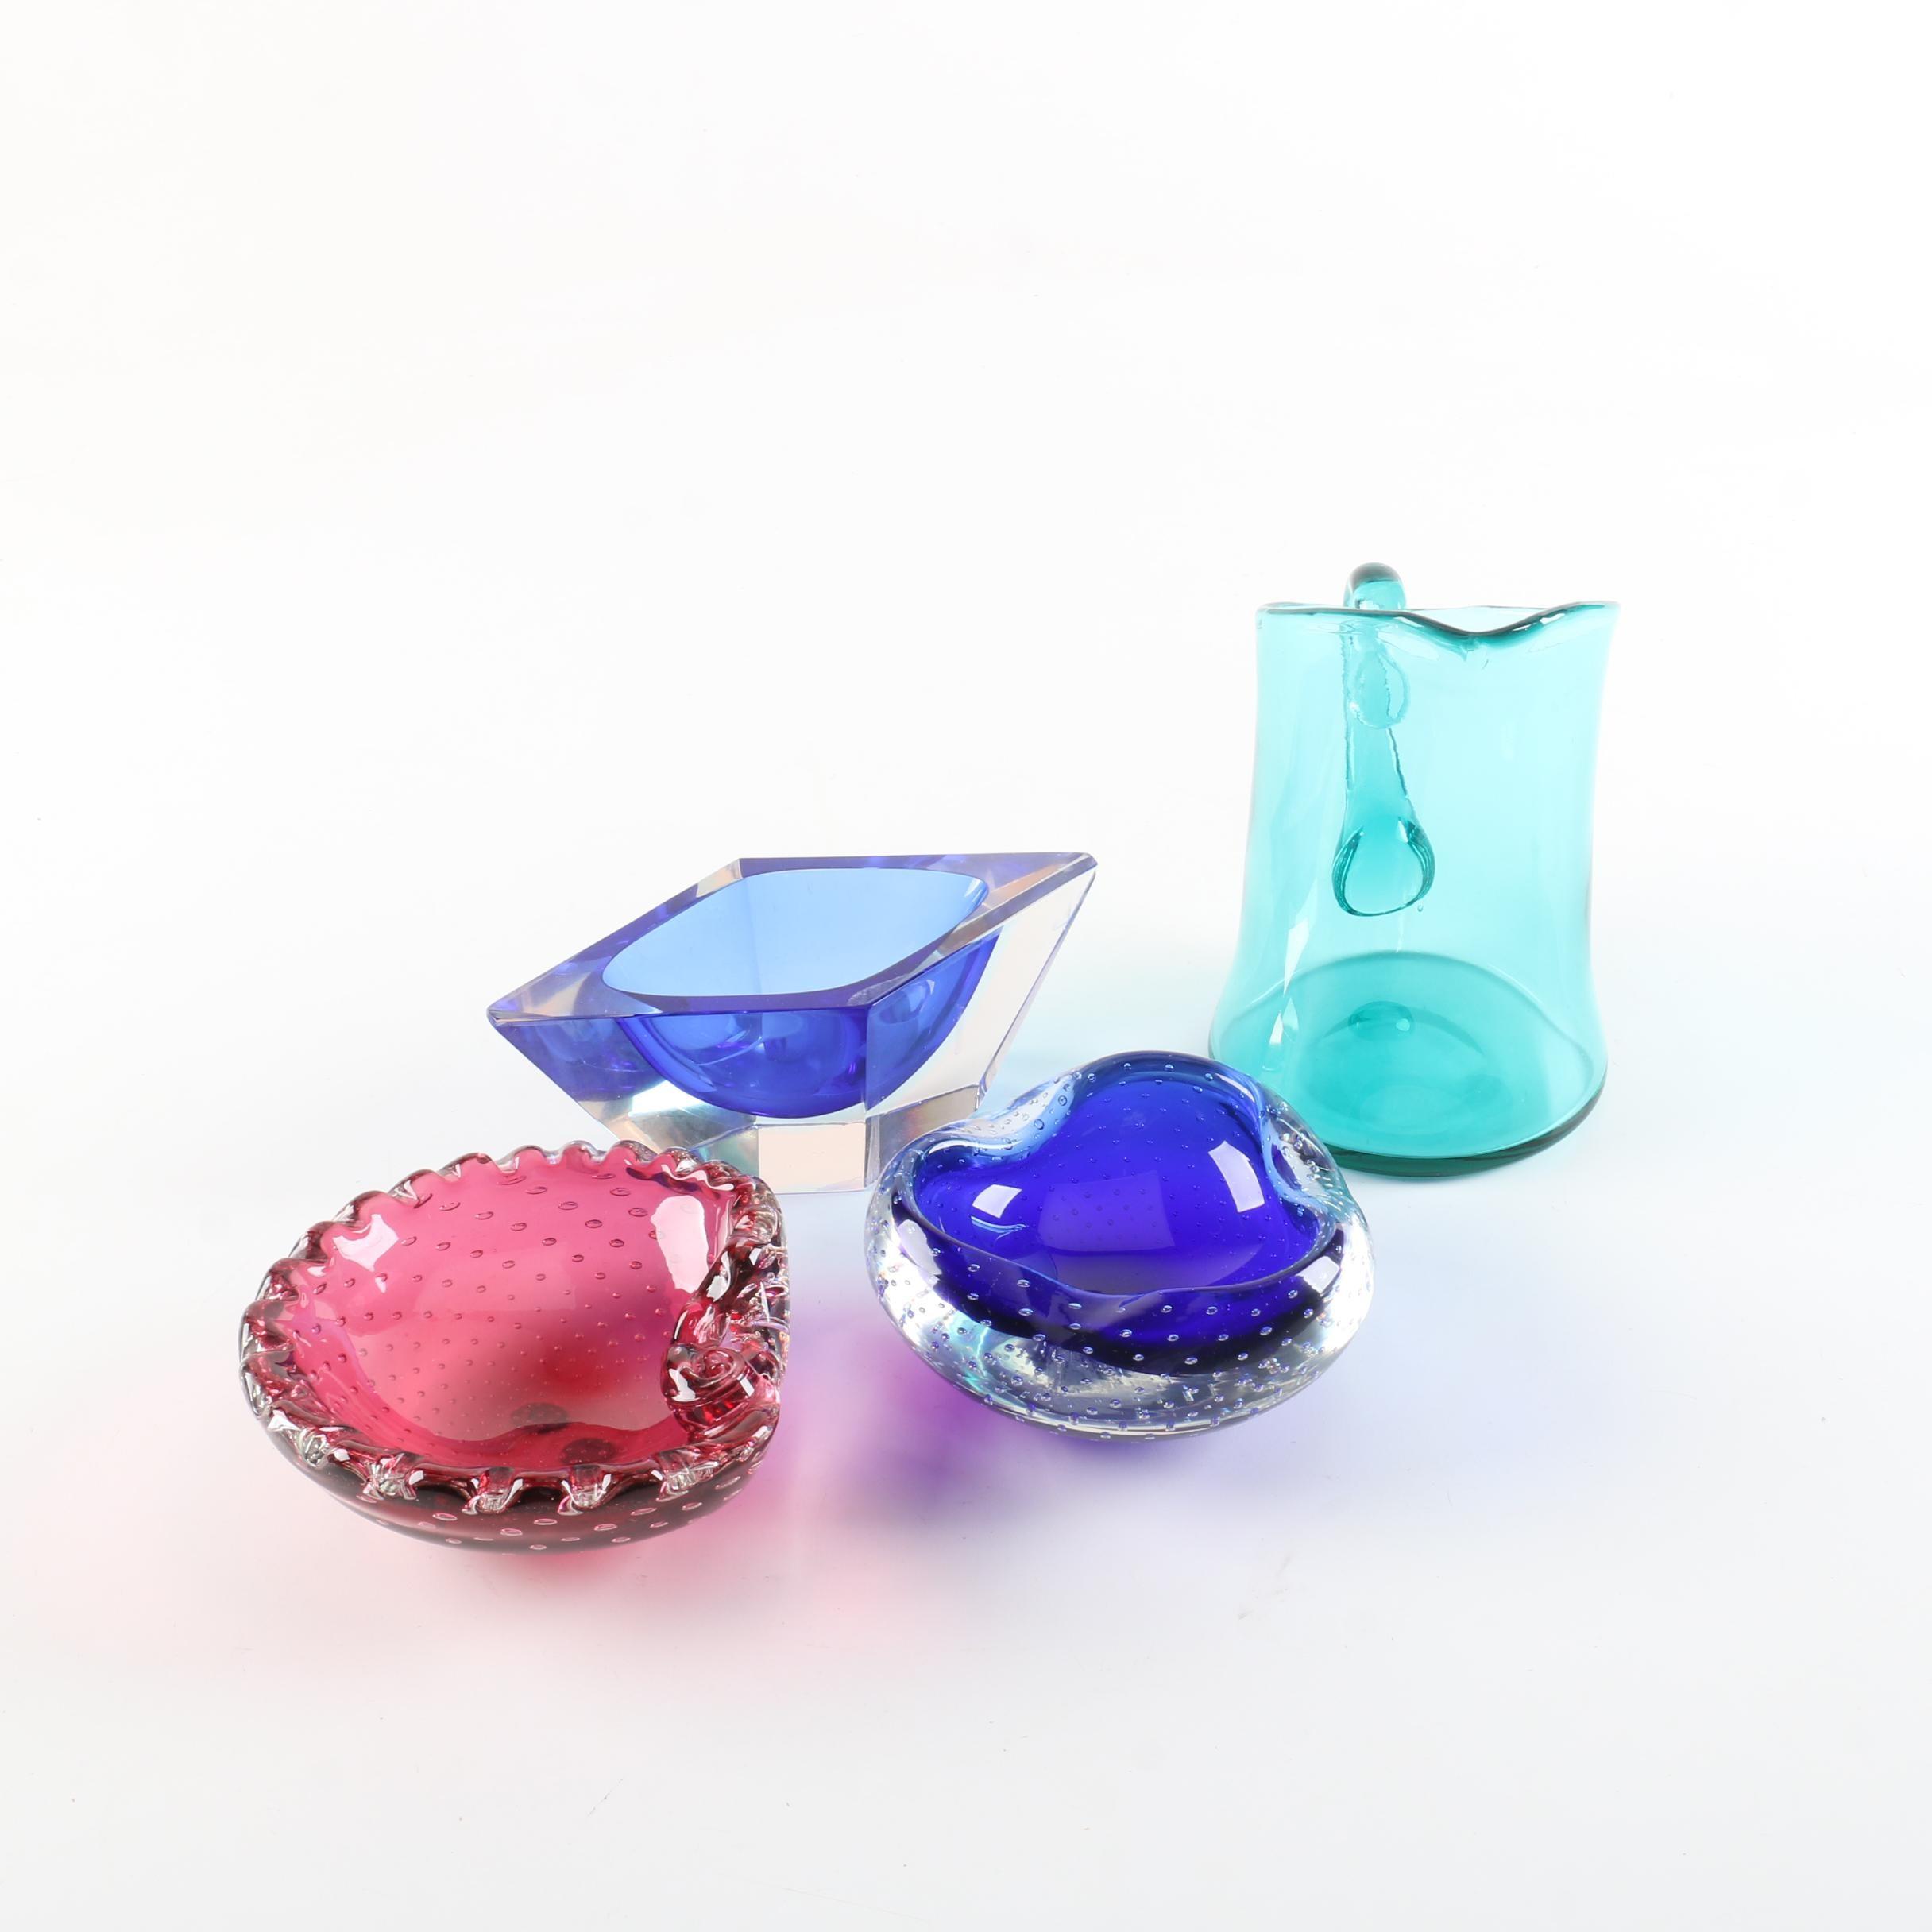 Murano Style Bullicante Art Glass Dishes